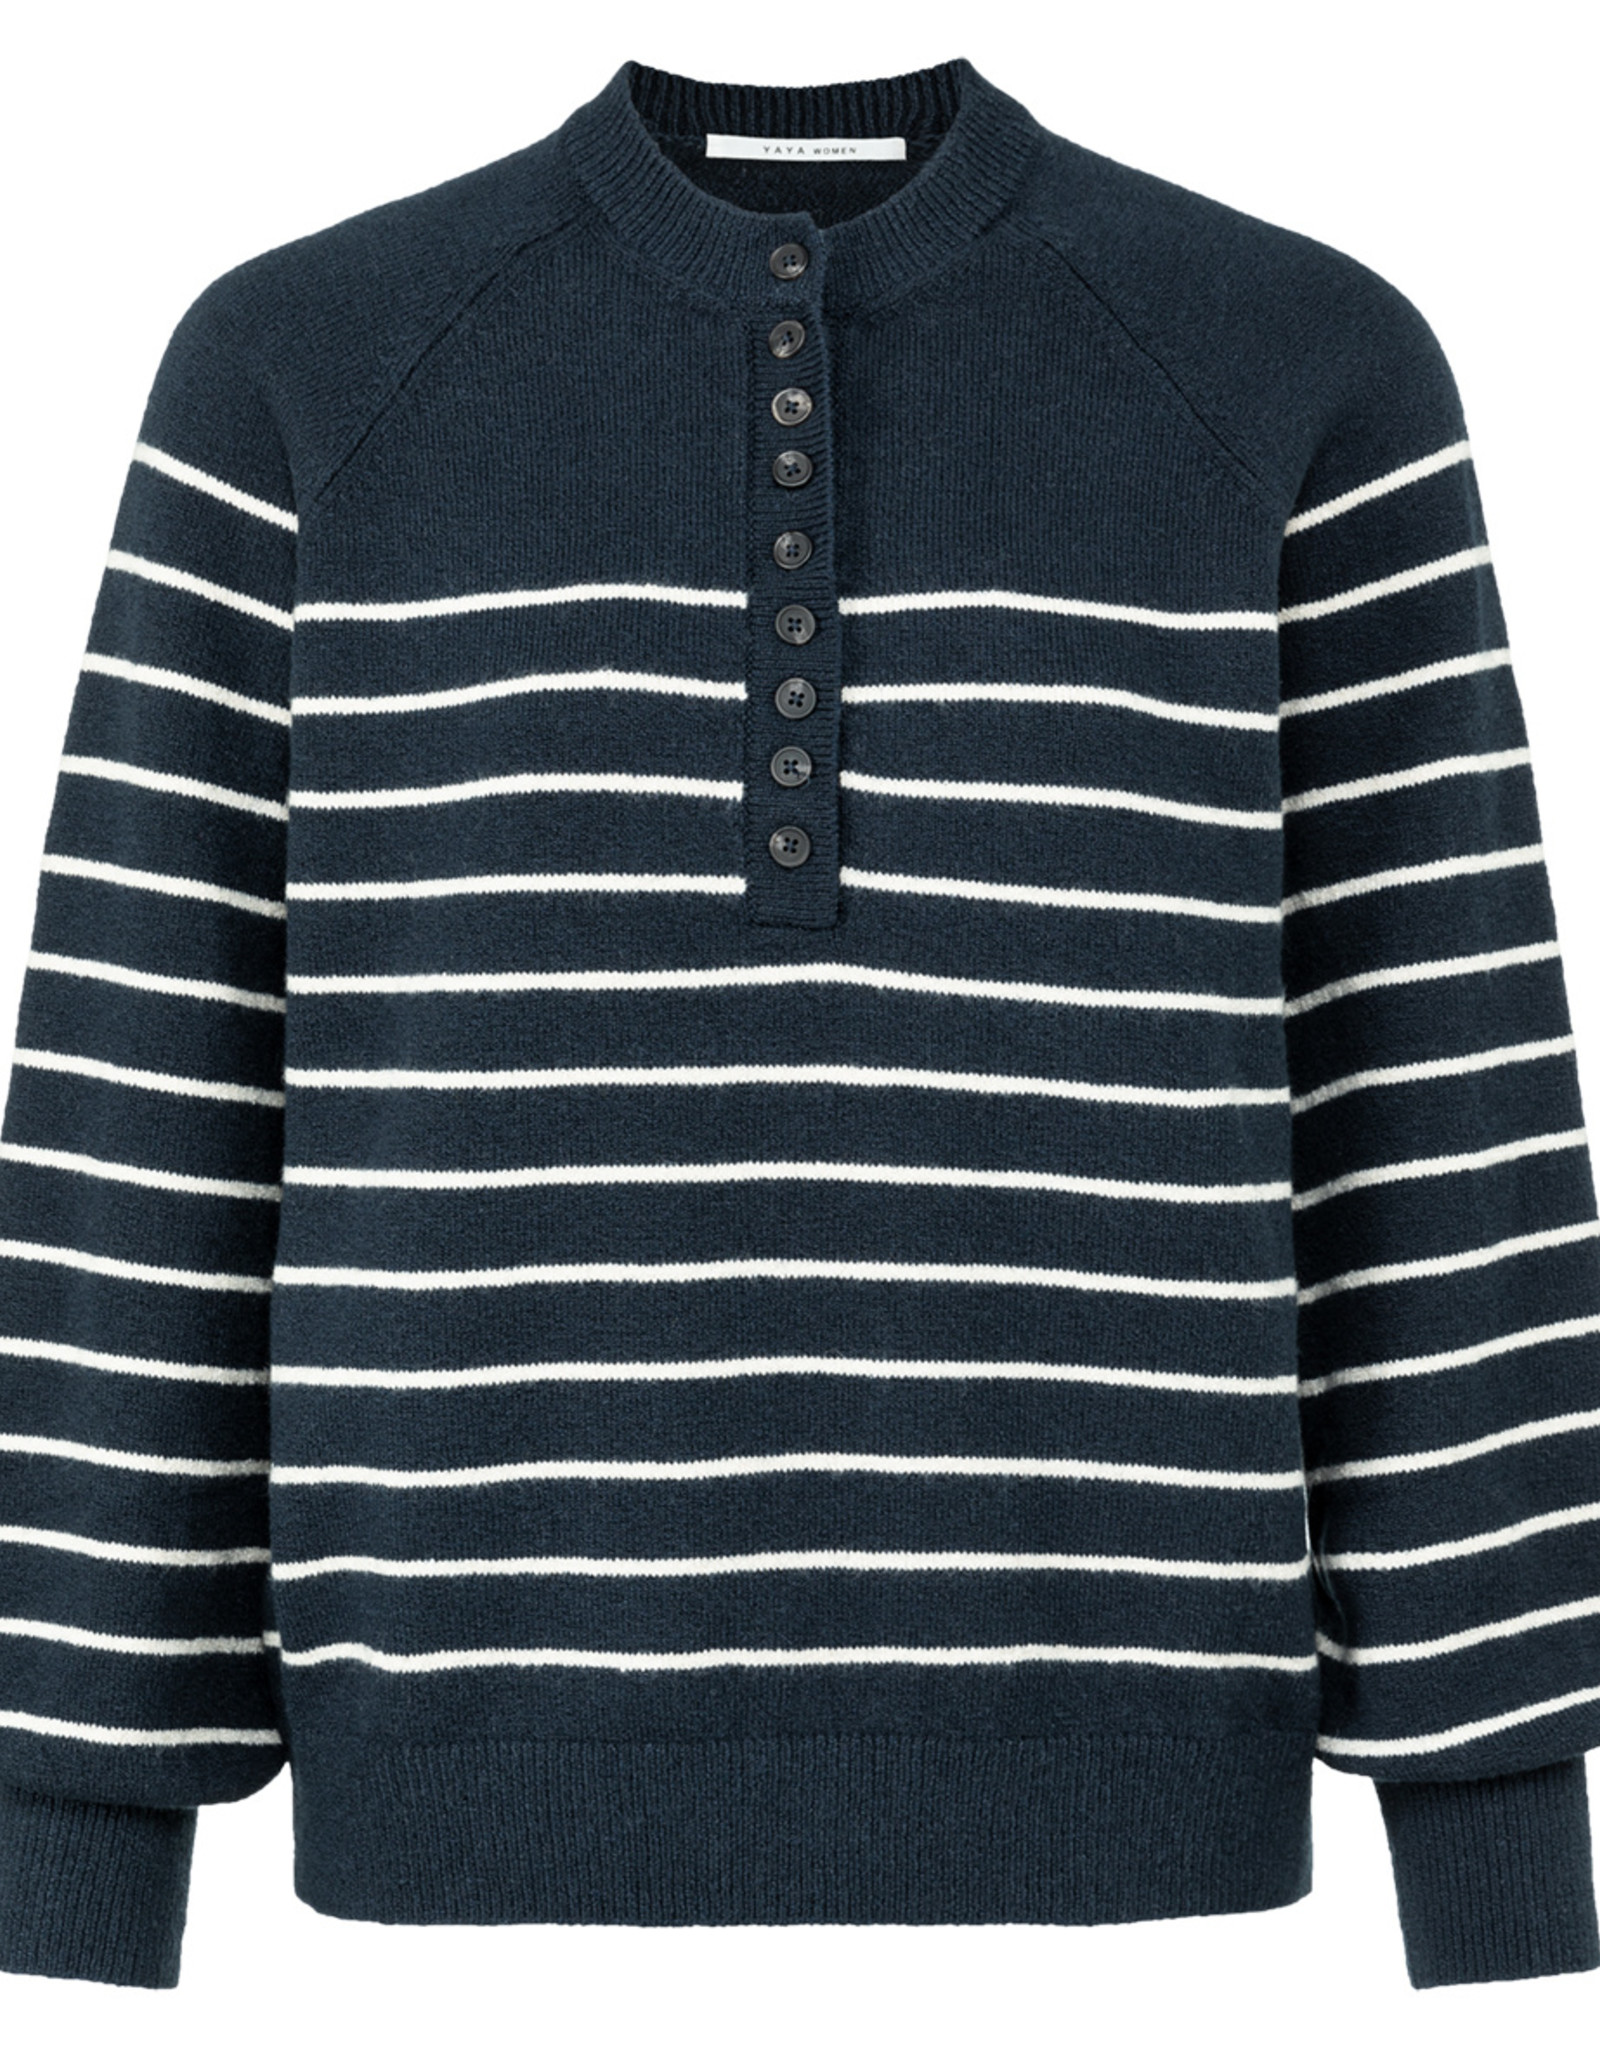 Yaya Striped Sweater